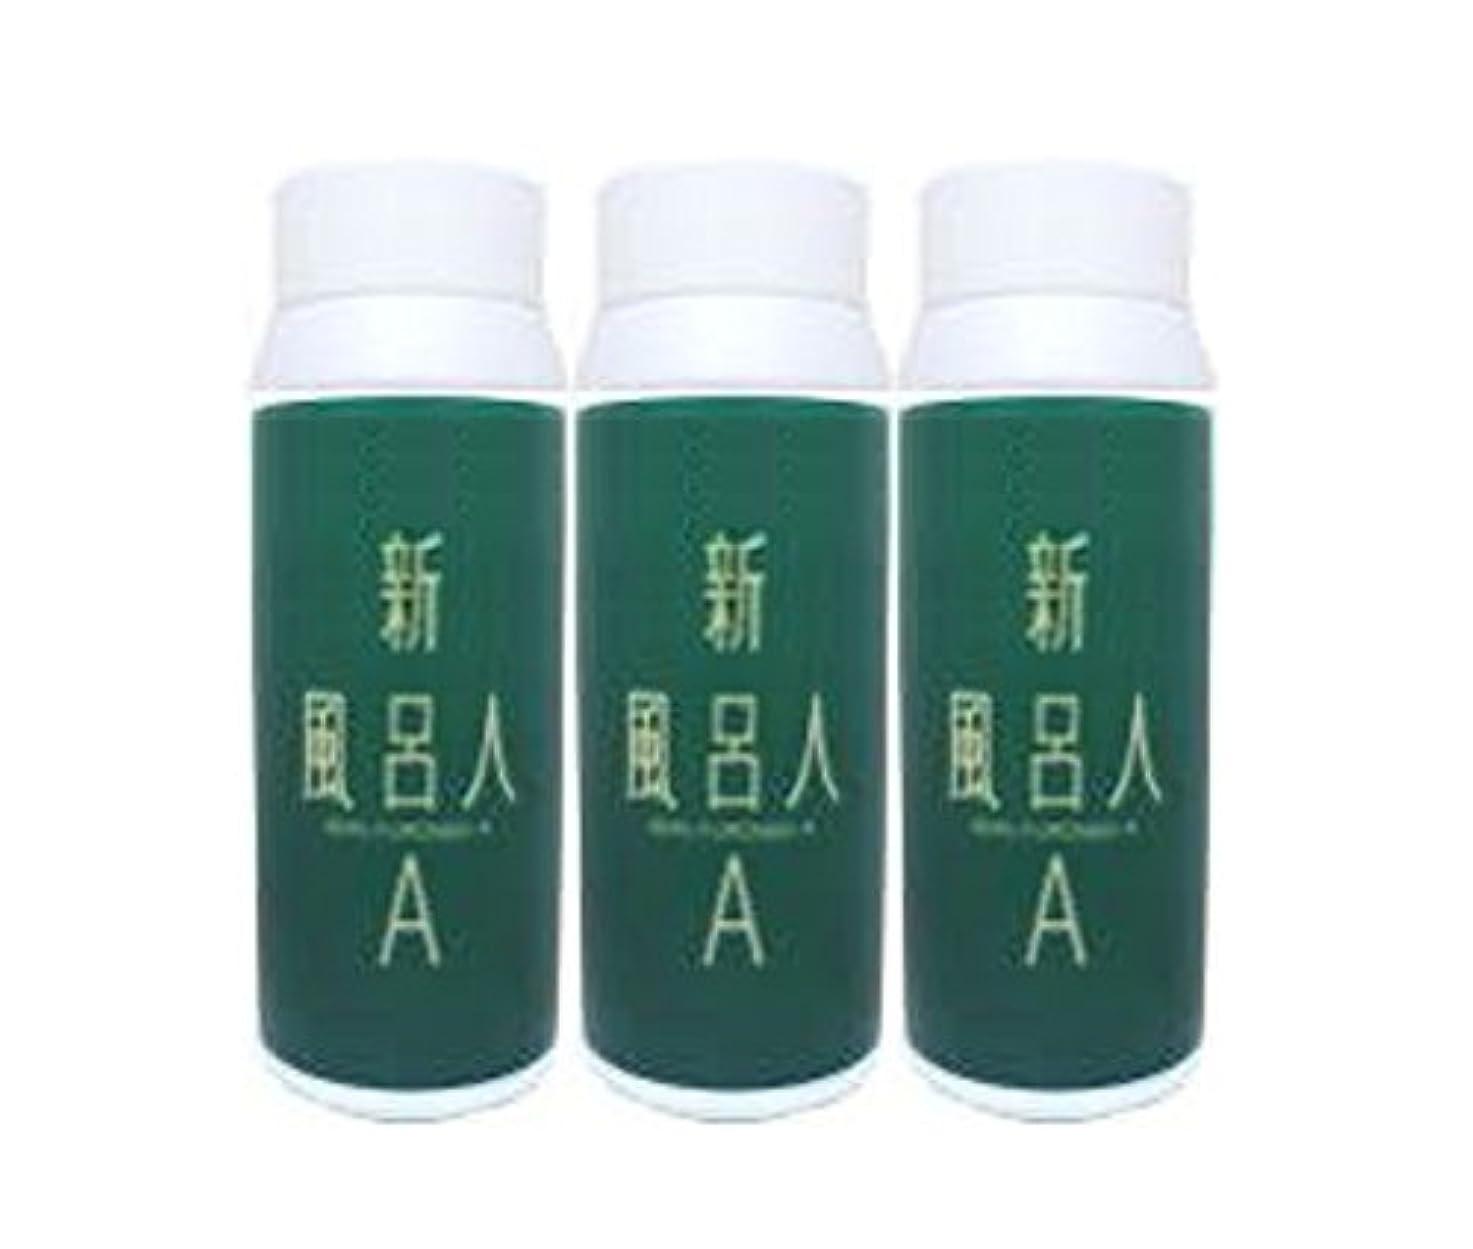 南日曜日コピー24時間風呂用 入浴剤 新フロンドA 1000g 【3本セット】